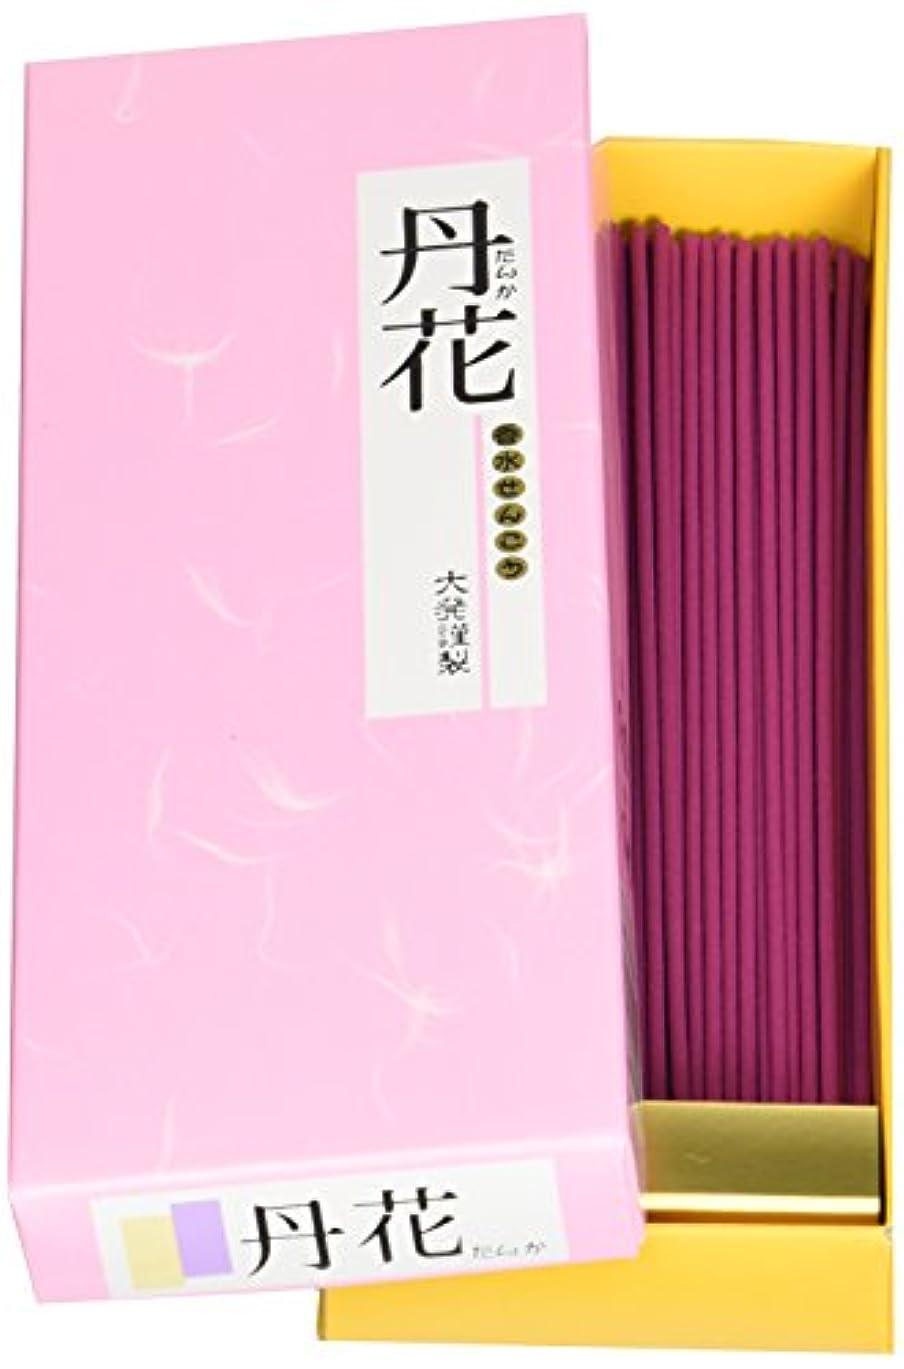 はちみつ男やもめおとうさん大発のお香 梅丹花(ピンク箱) TP-1